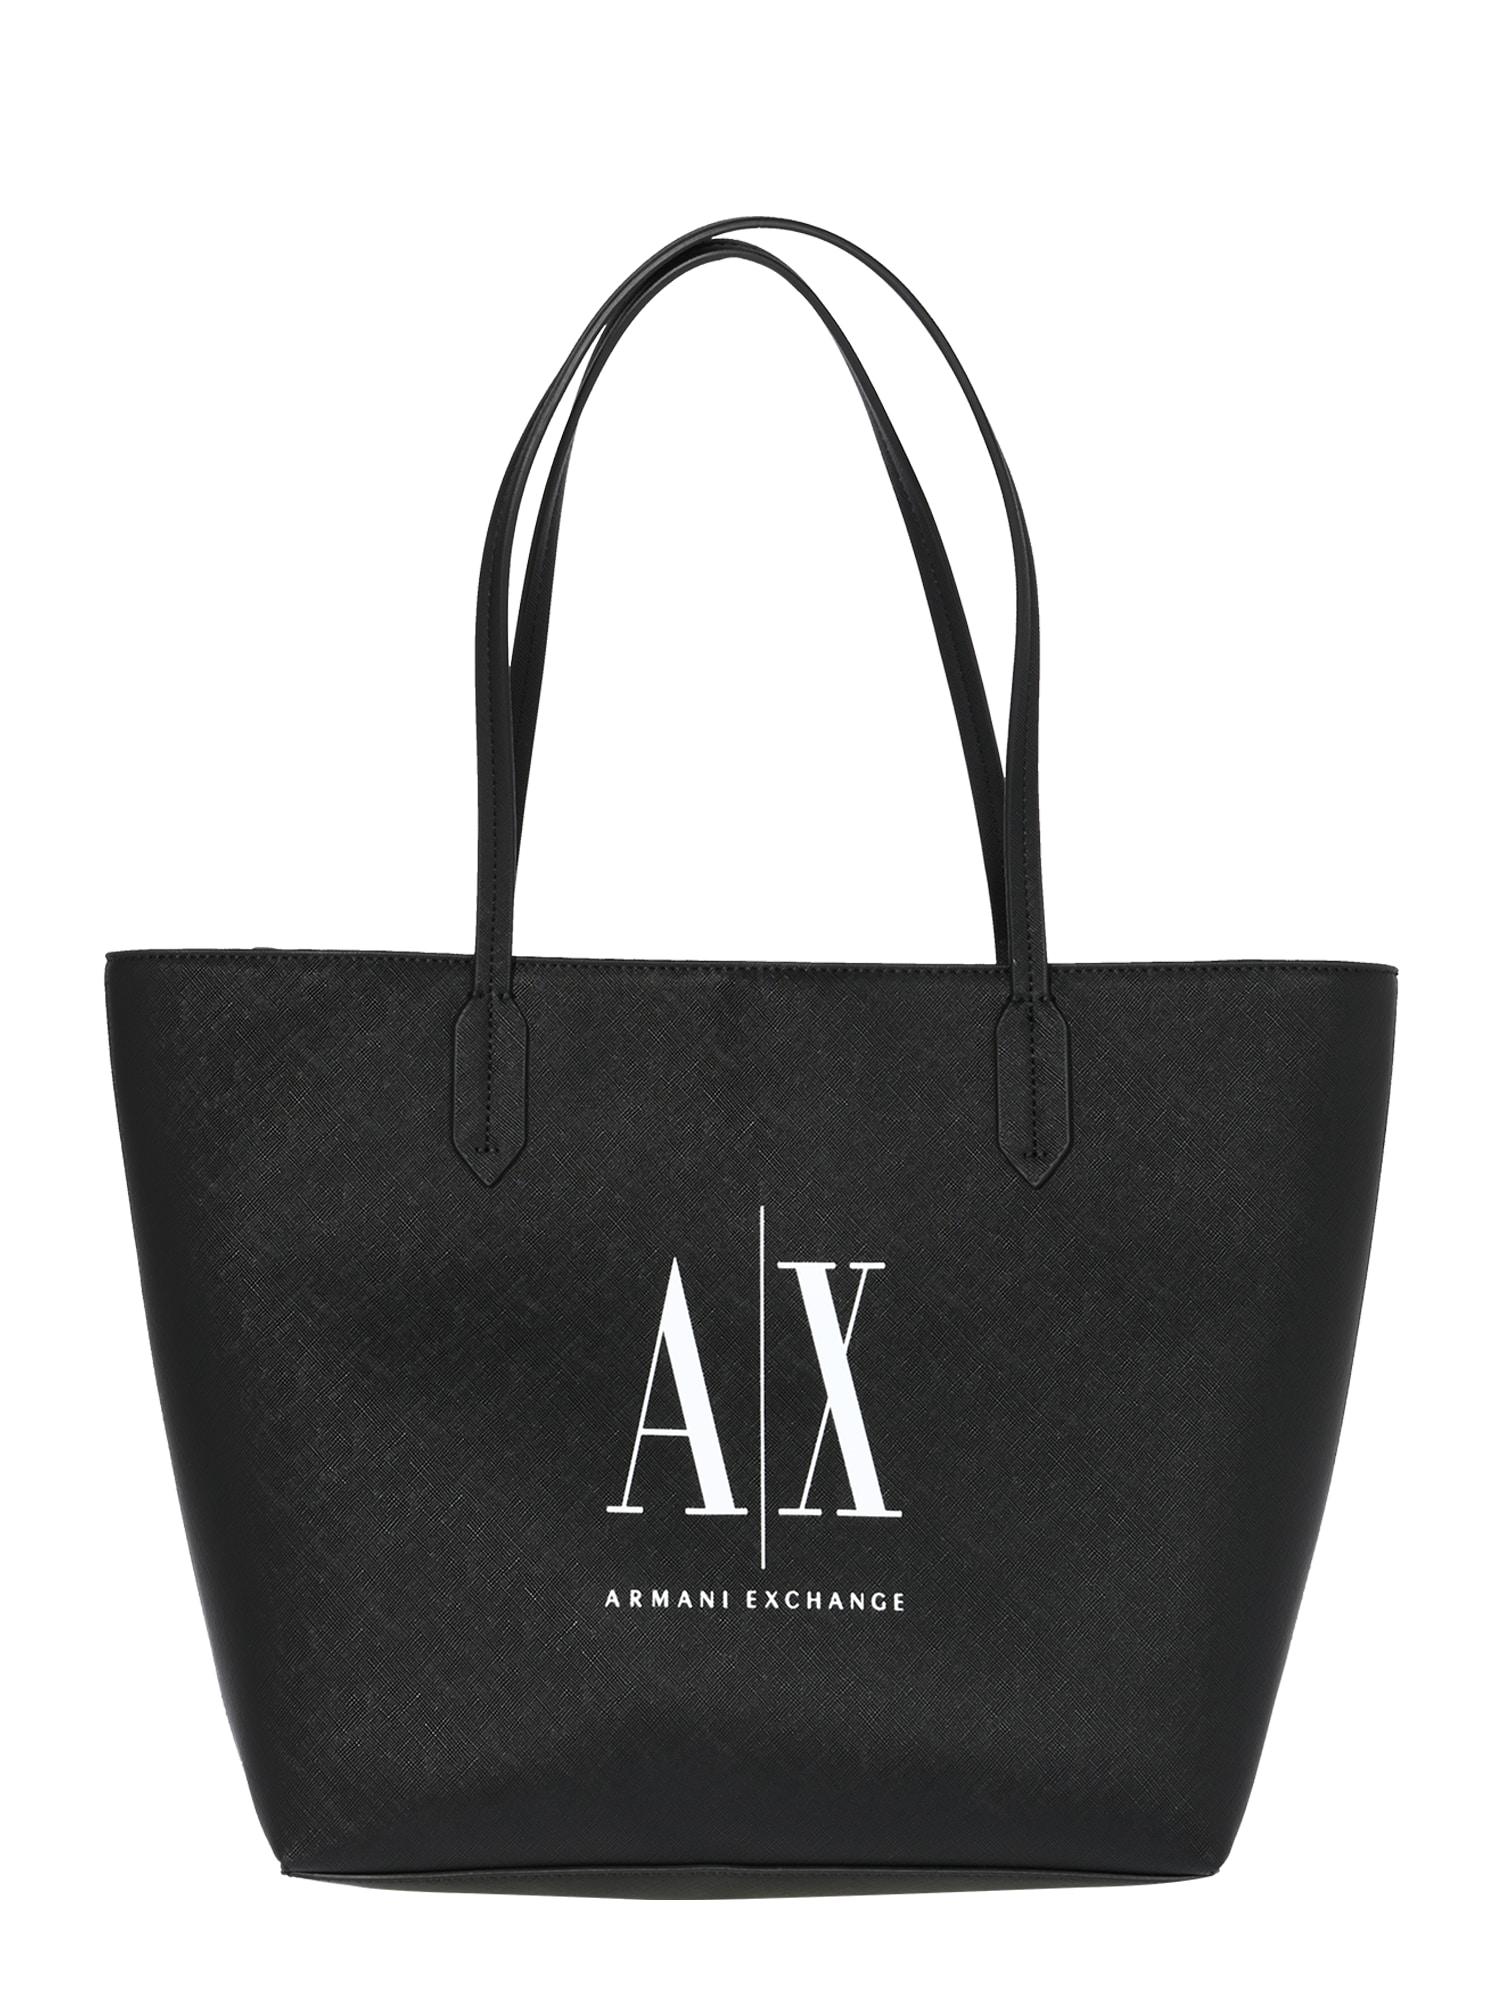 ARMANI EXCHANGE Pirkinių krepšys balta / juoda